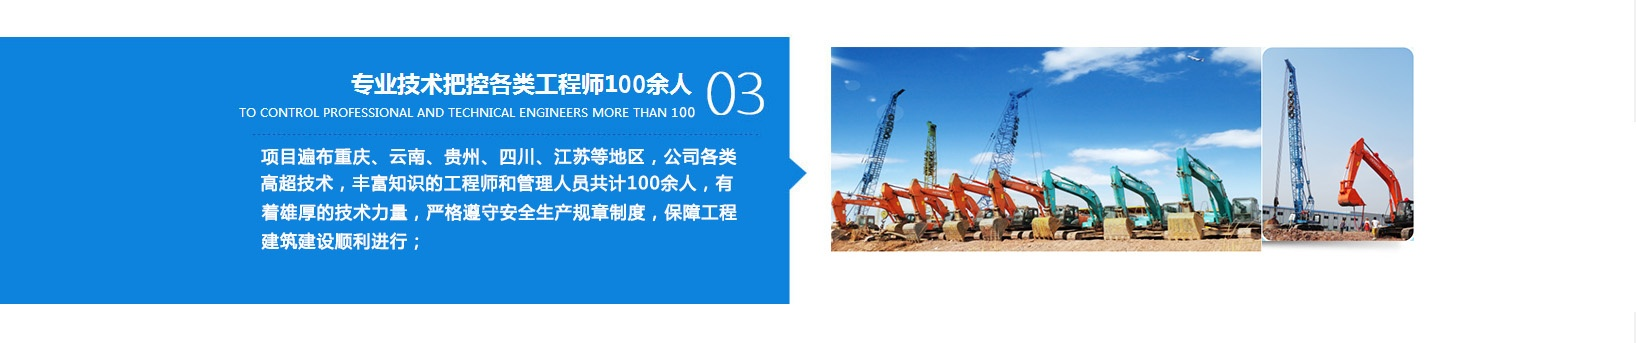 优势三:项目遍布重庆、云南、贵州、四川、江苏等地区,公司各类高超技术,丰富知识的工程师和管理人员共计100余人,有着雄厚的技术力量,严格遵守安全生产规章制度,保障工程建筑建设训利进行。